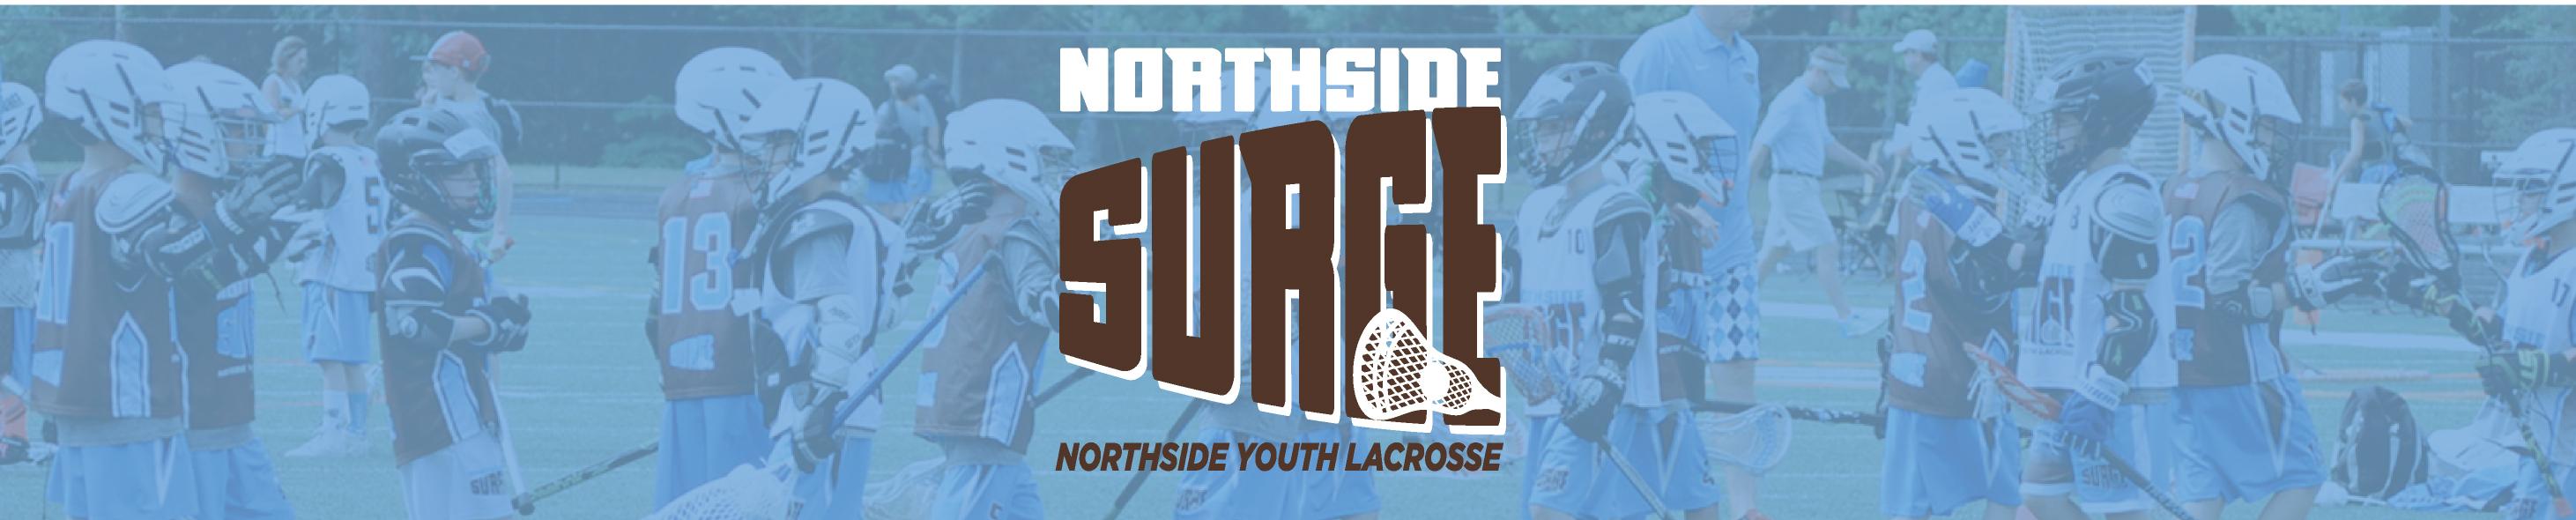 Northside Surge Lacrosse